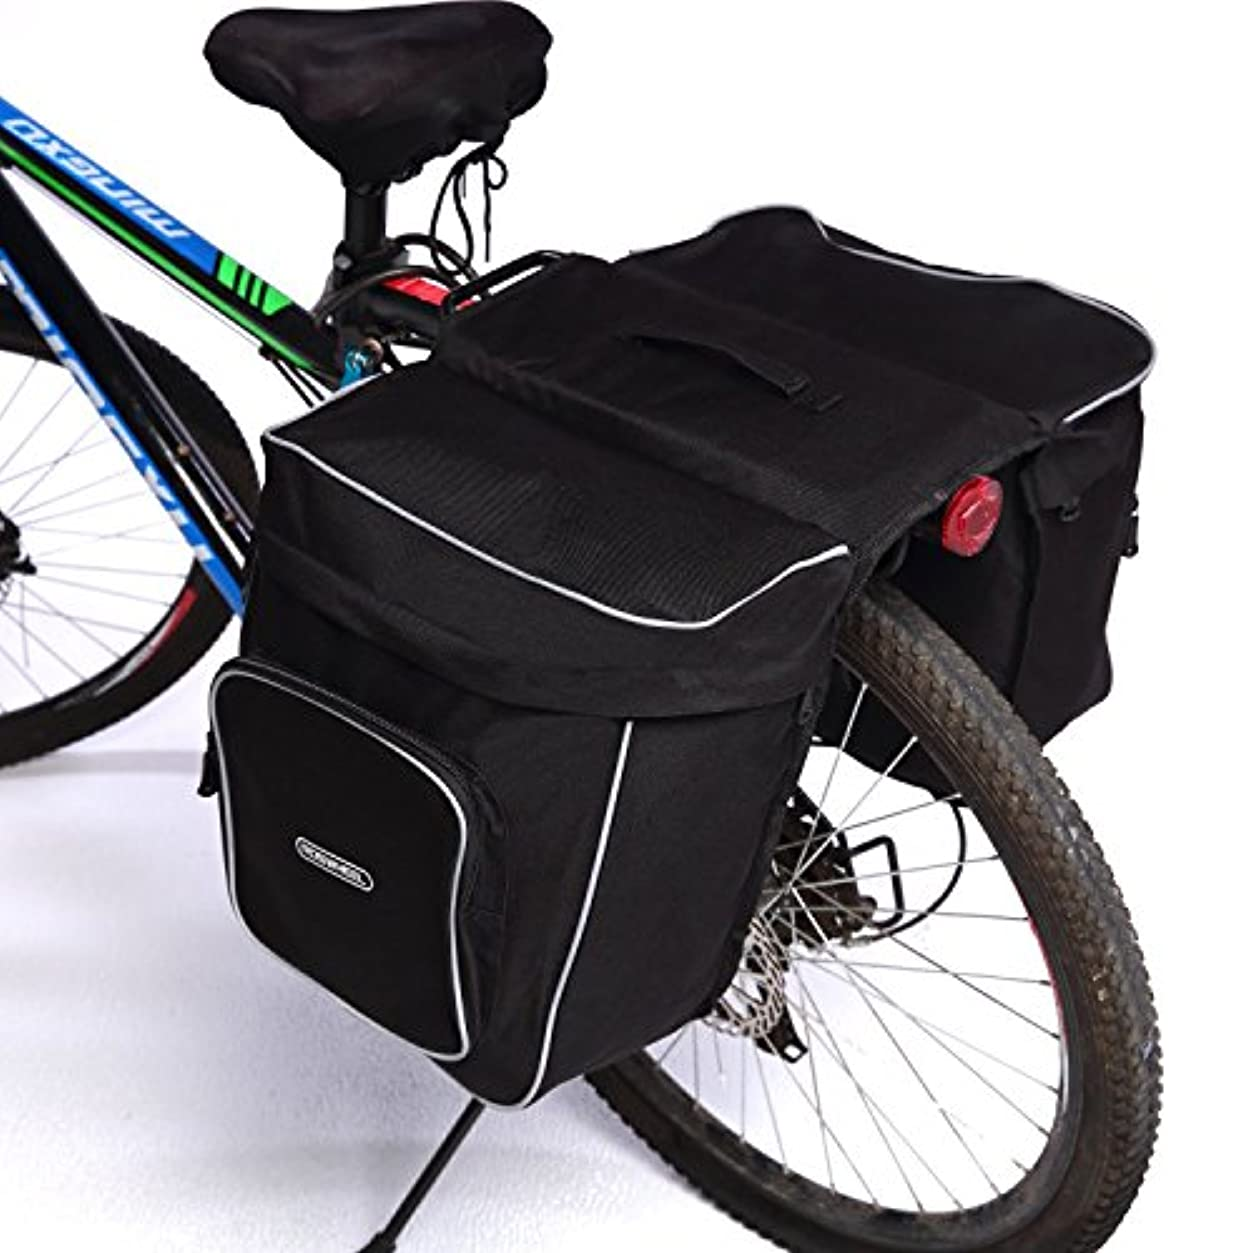 構成する配る振る自転車用パニアバッグ 多機能バッグ バイシクルバッグ サイドバッグ シートバッグ サイクリングバッグ 衝撃吸収 防水仕様 30L 大容量 ブラック